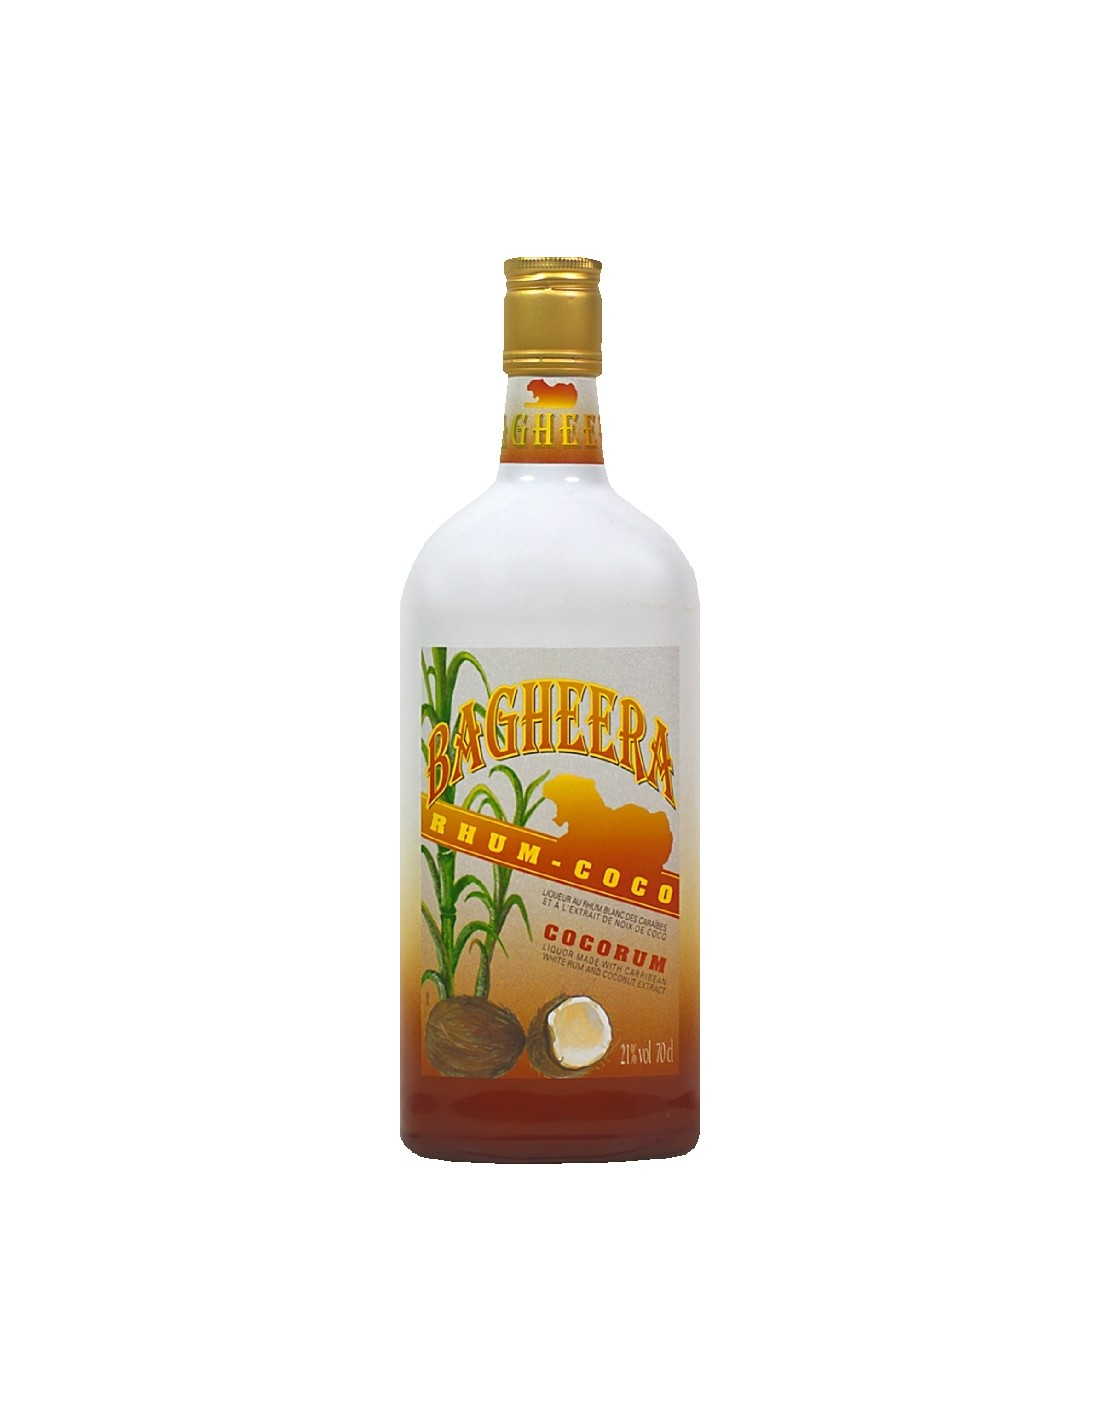 Rom cocos Bagheera, 21% alc., 0.7L